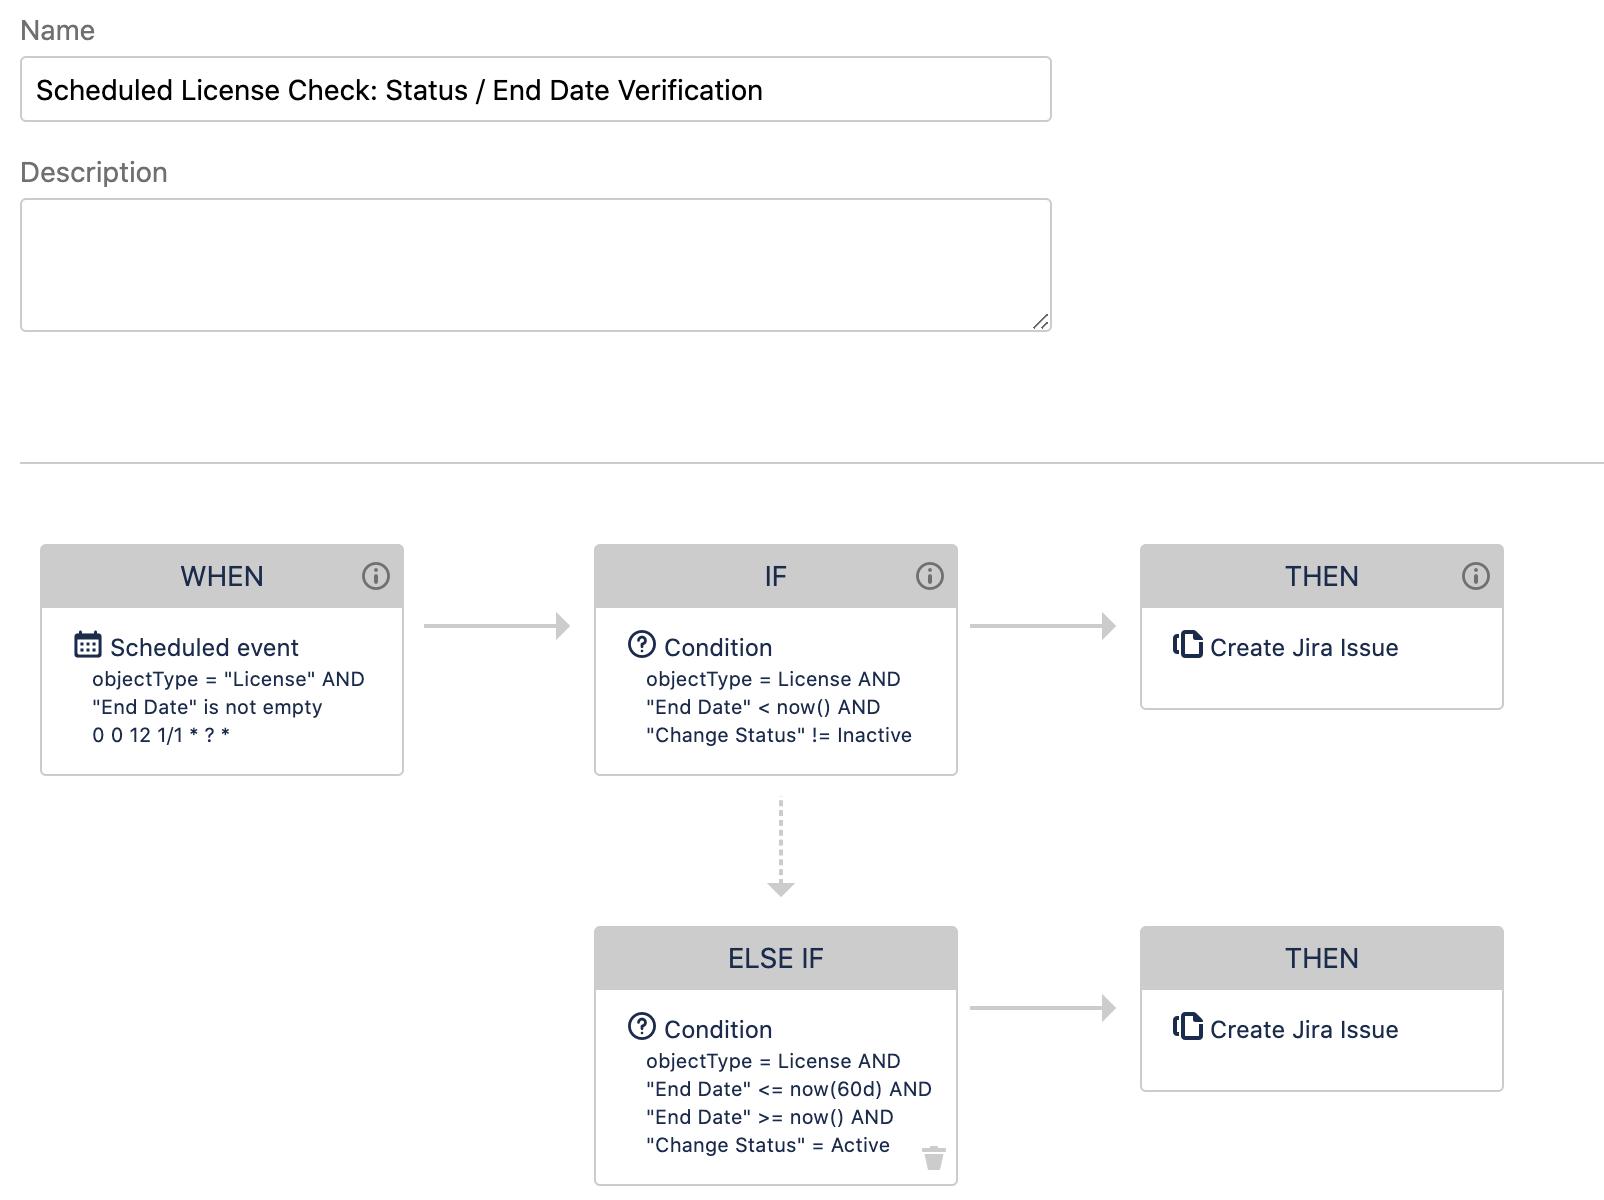 Automatisierungsregel in Insight zur Erstellung von Jira-Vorgängen, wenn Lizenzen demnächst ablaufen.